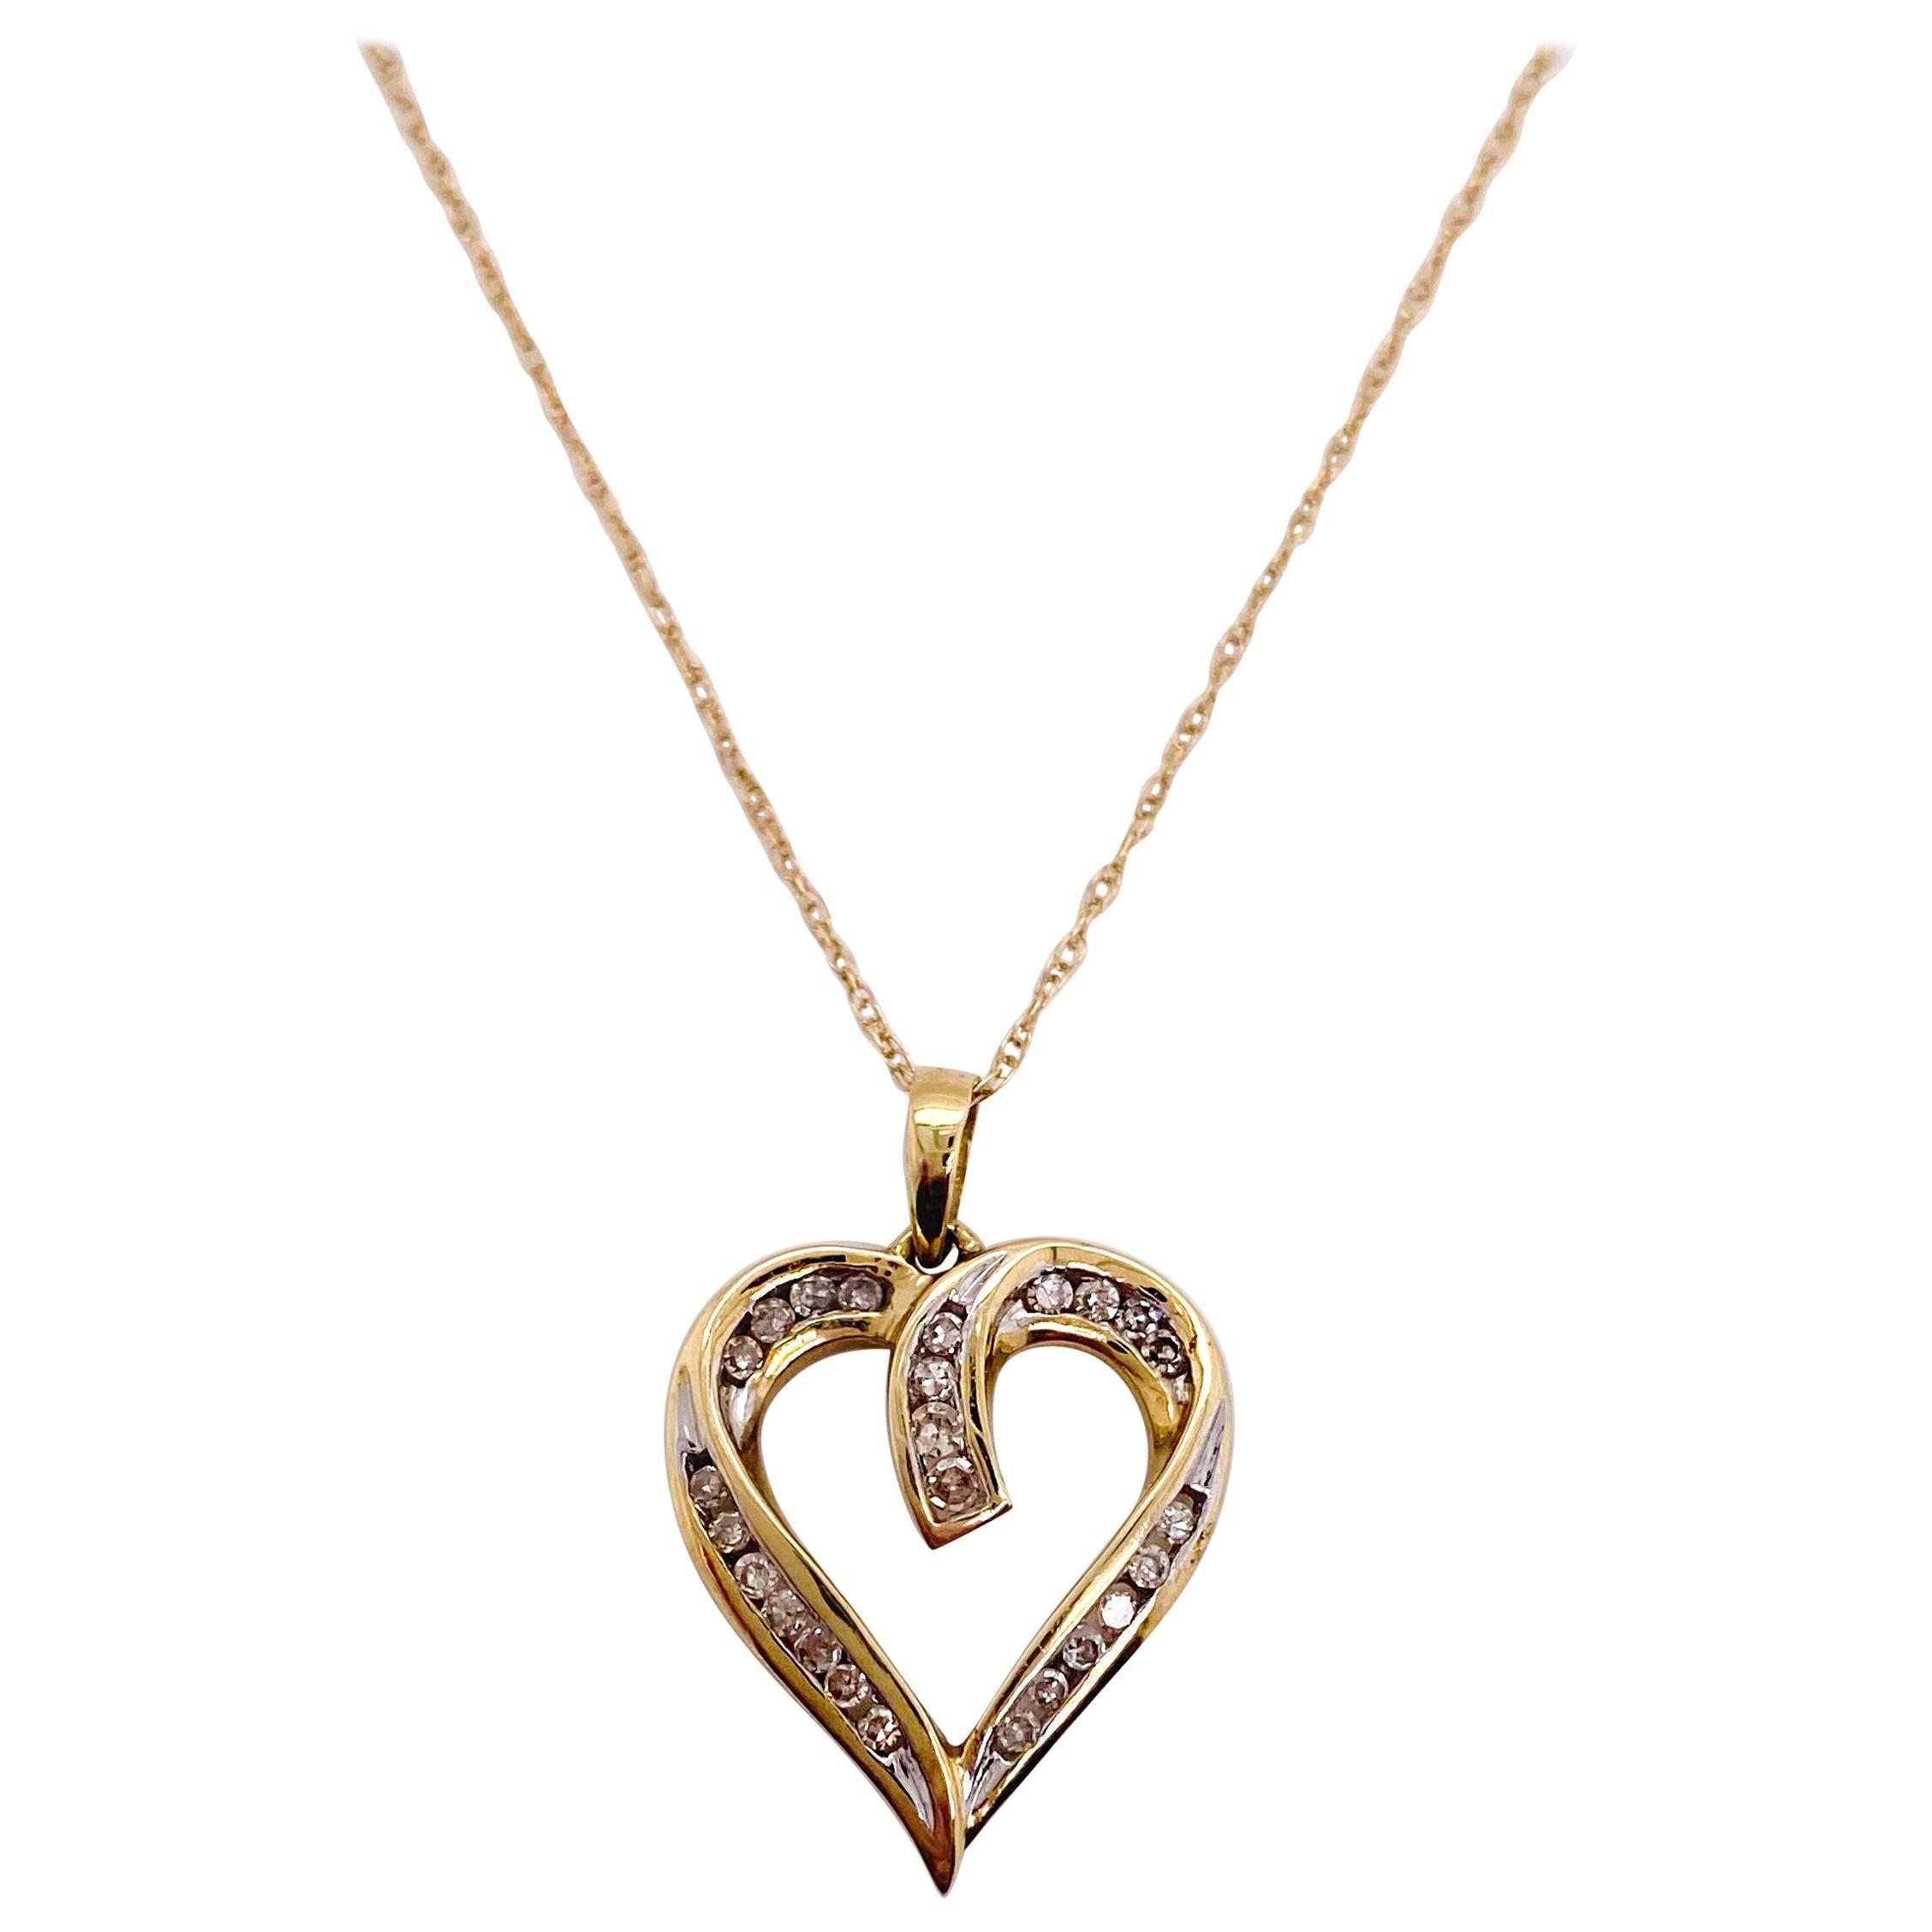 Diamond Heart Necklace, .25 Carat Diamond Open Heart Pendant Necklace